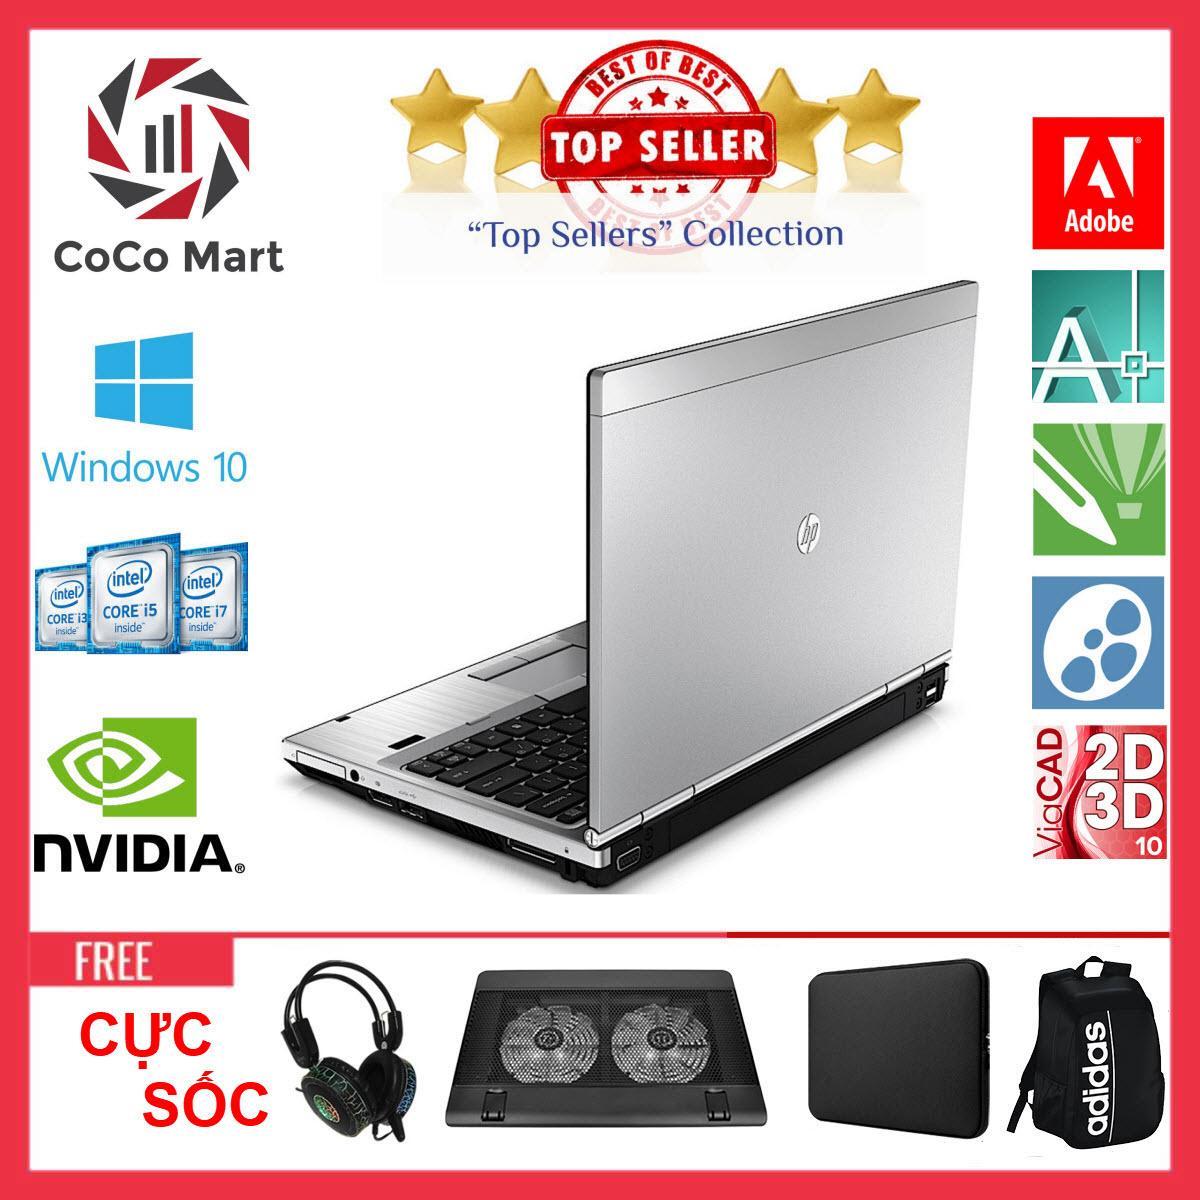 Laptop HP EliteBook 2560p Chạy CPU i7-2620M, 12.5inch, 16GB, SSD 480GB + Bộ Quà Tặng - Hàng Nhập Khẩu